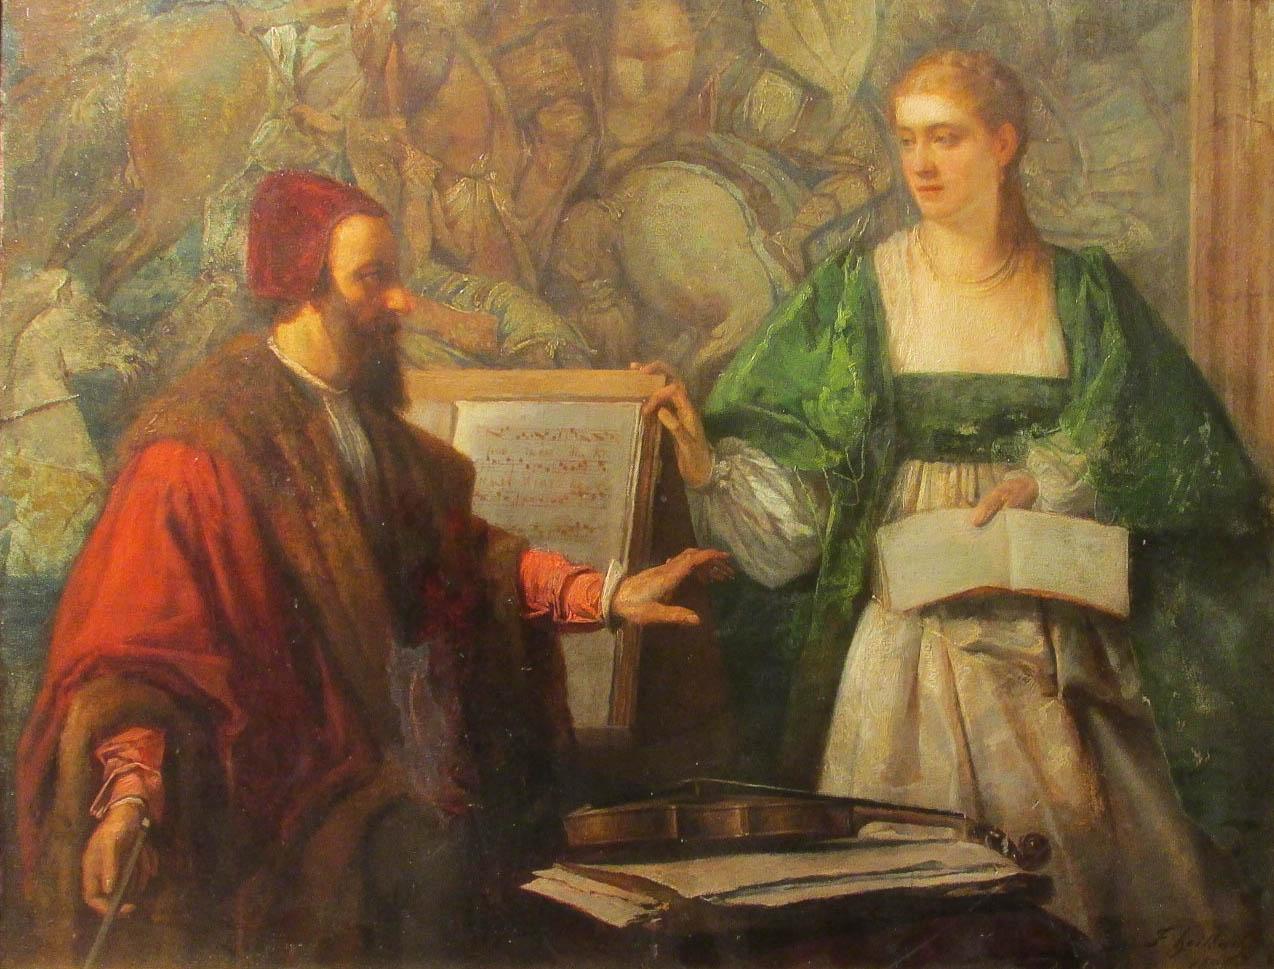 HEILBUTH Ferdinand (1826 - 1889)